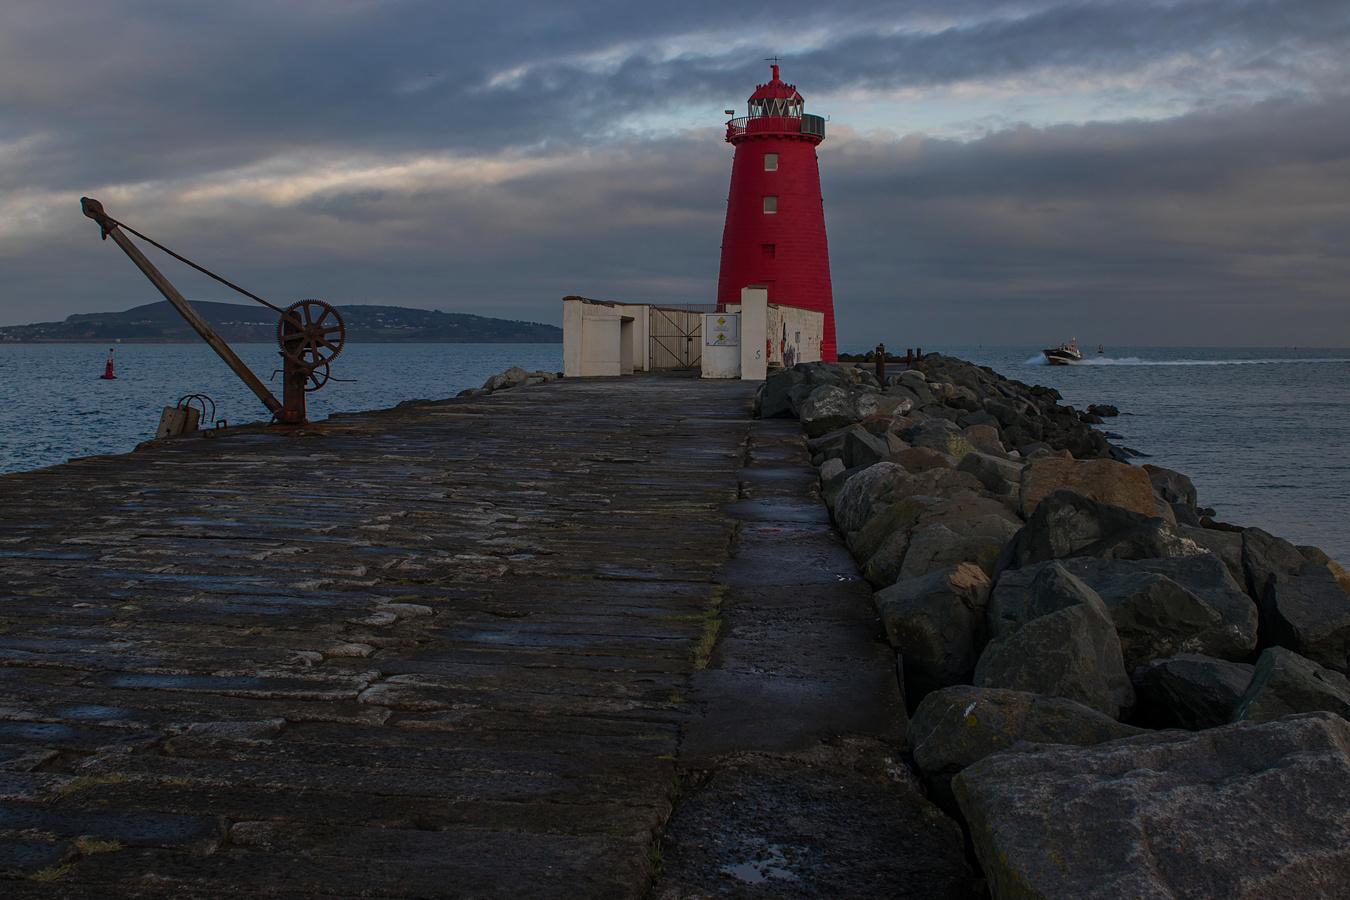 Poolbeg Lighthouse - Dublin